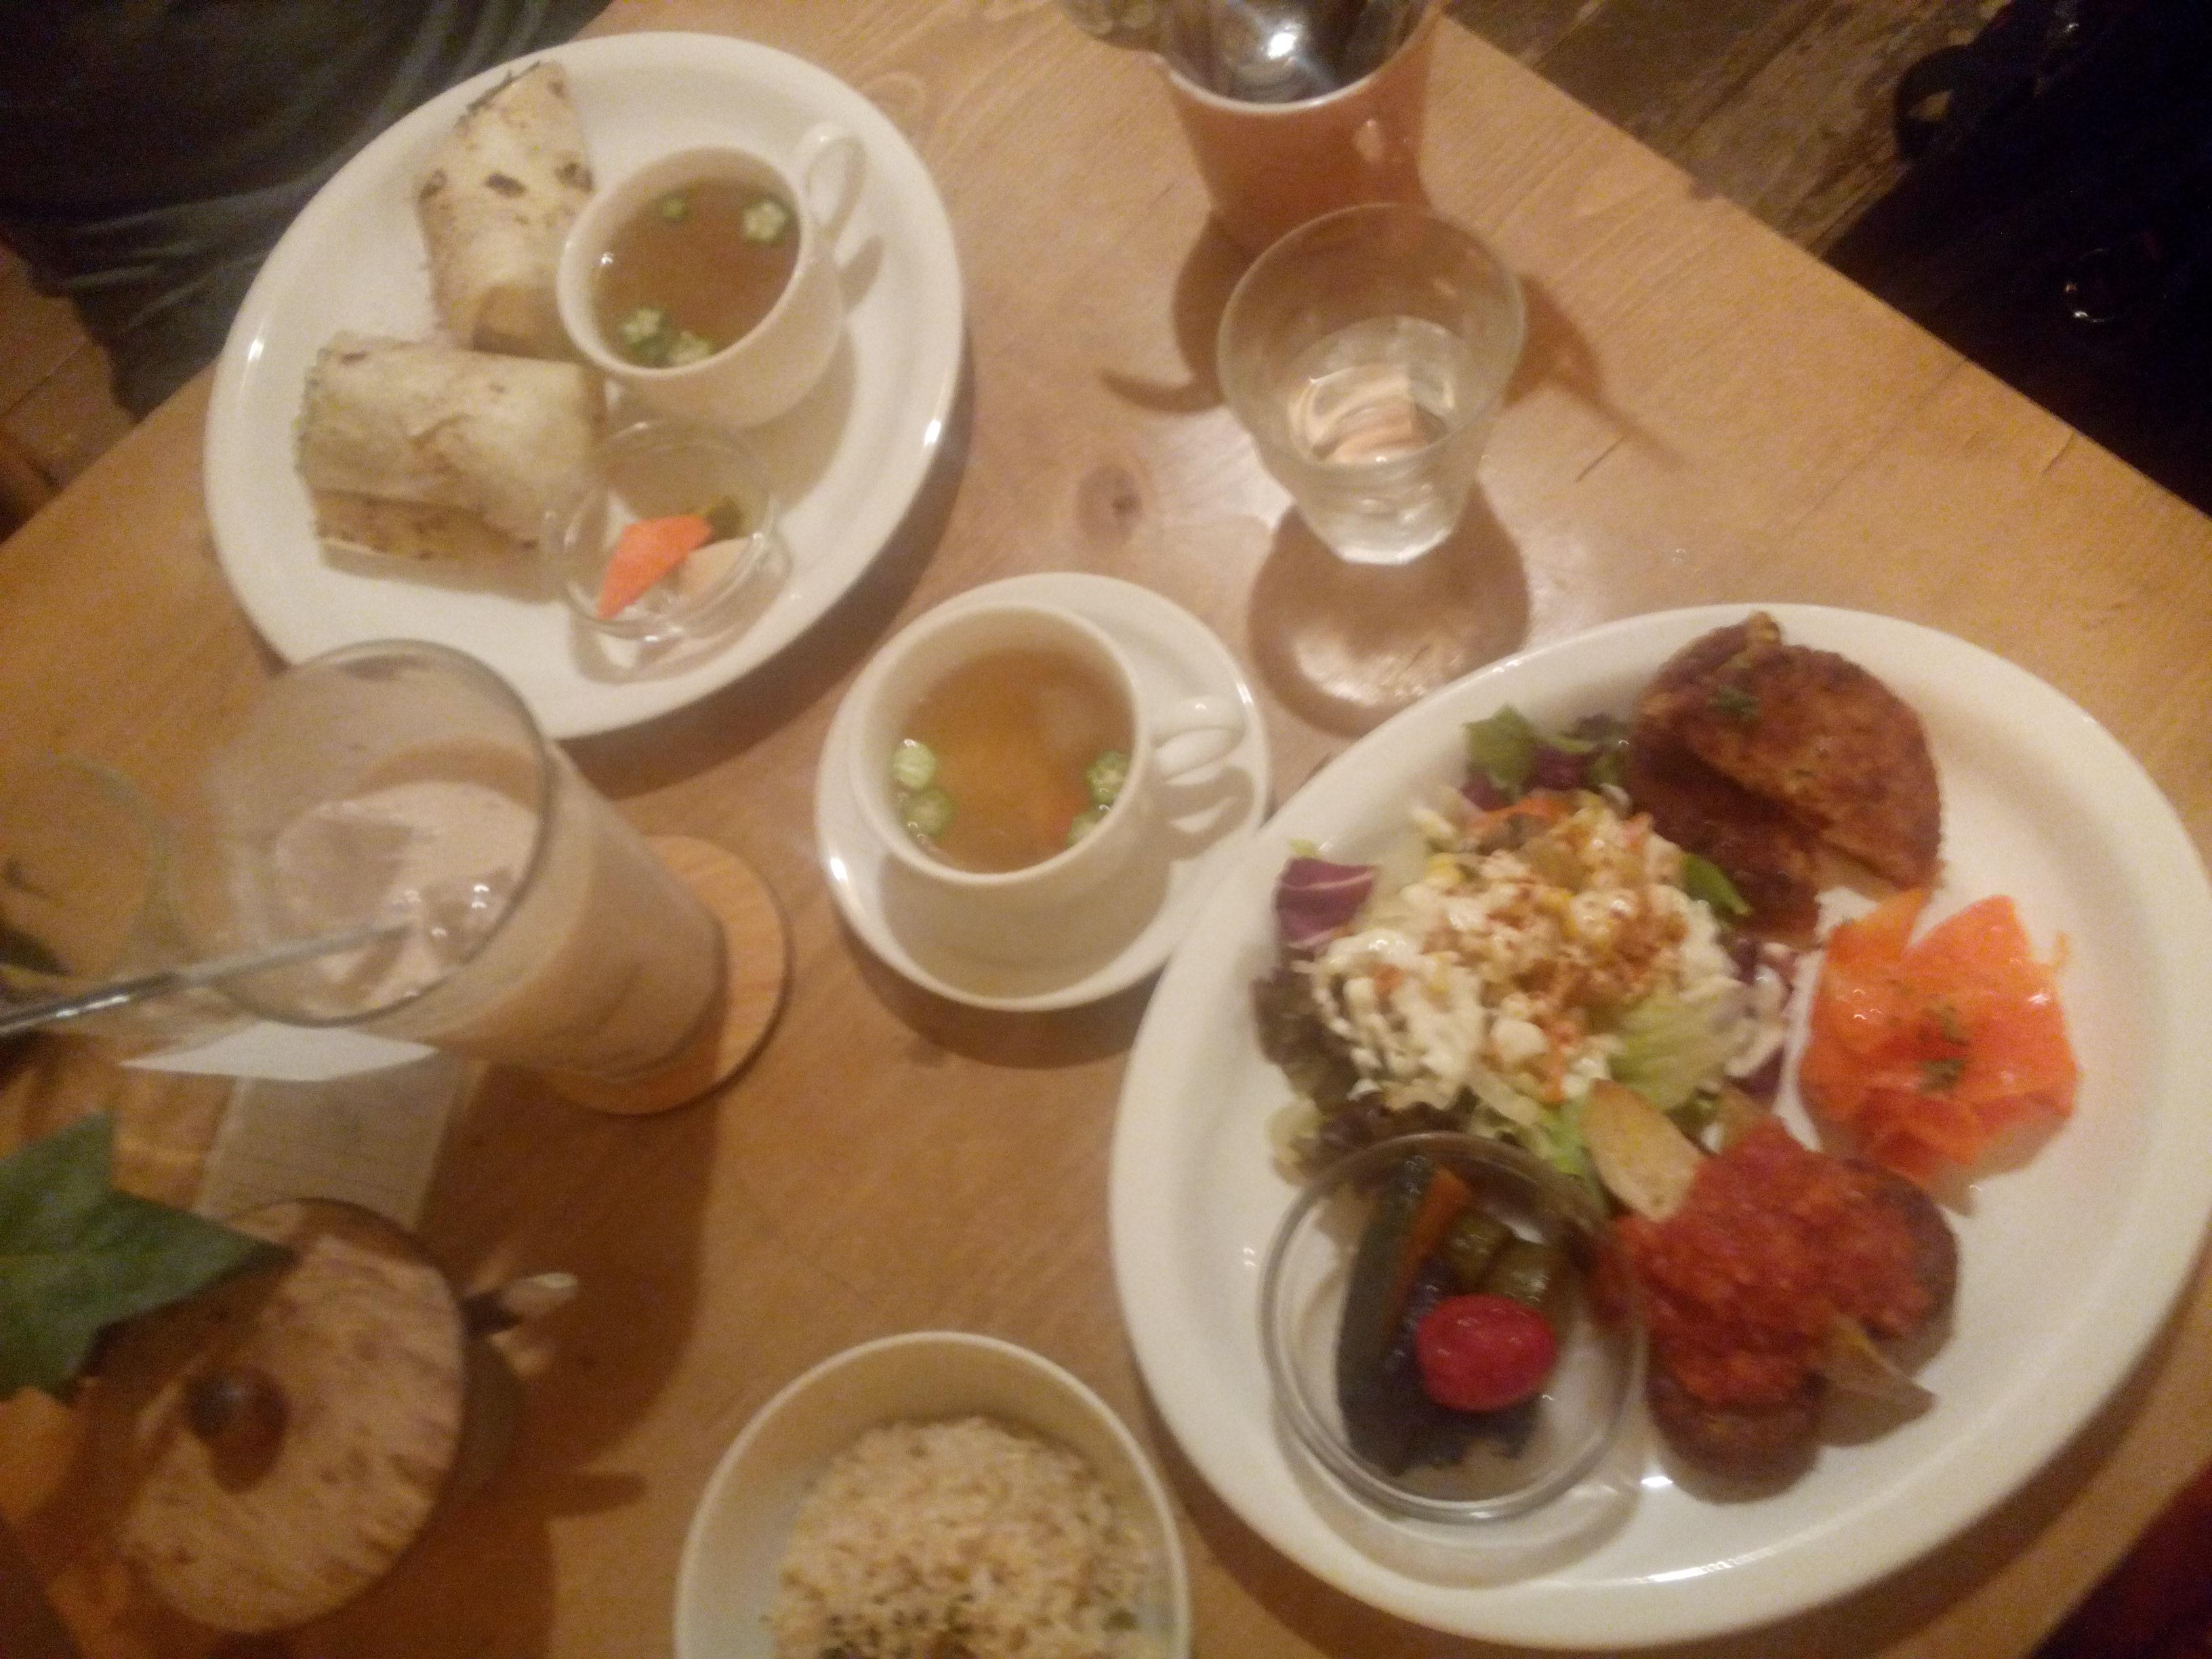 Vegetarian plate and teriyaki wrap